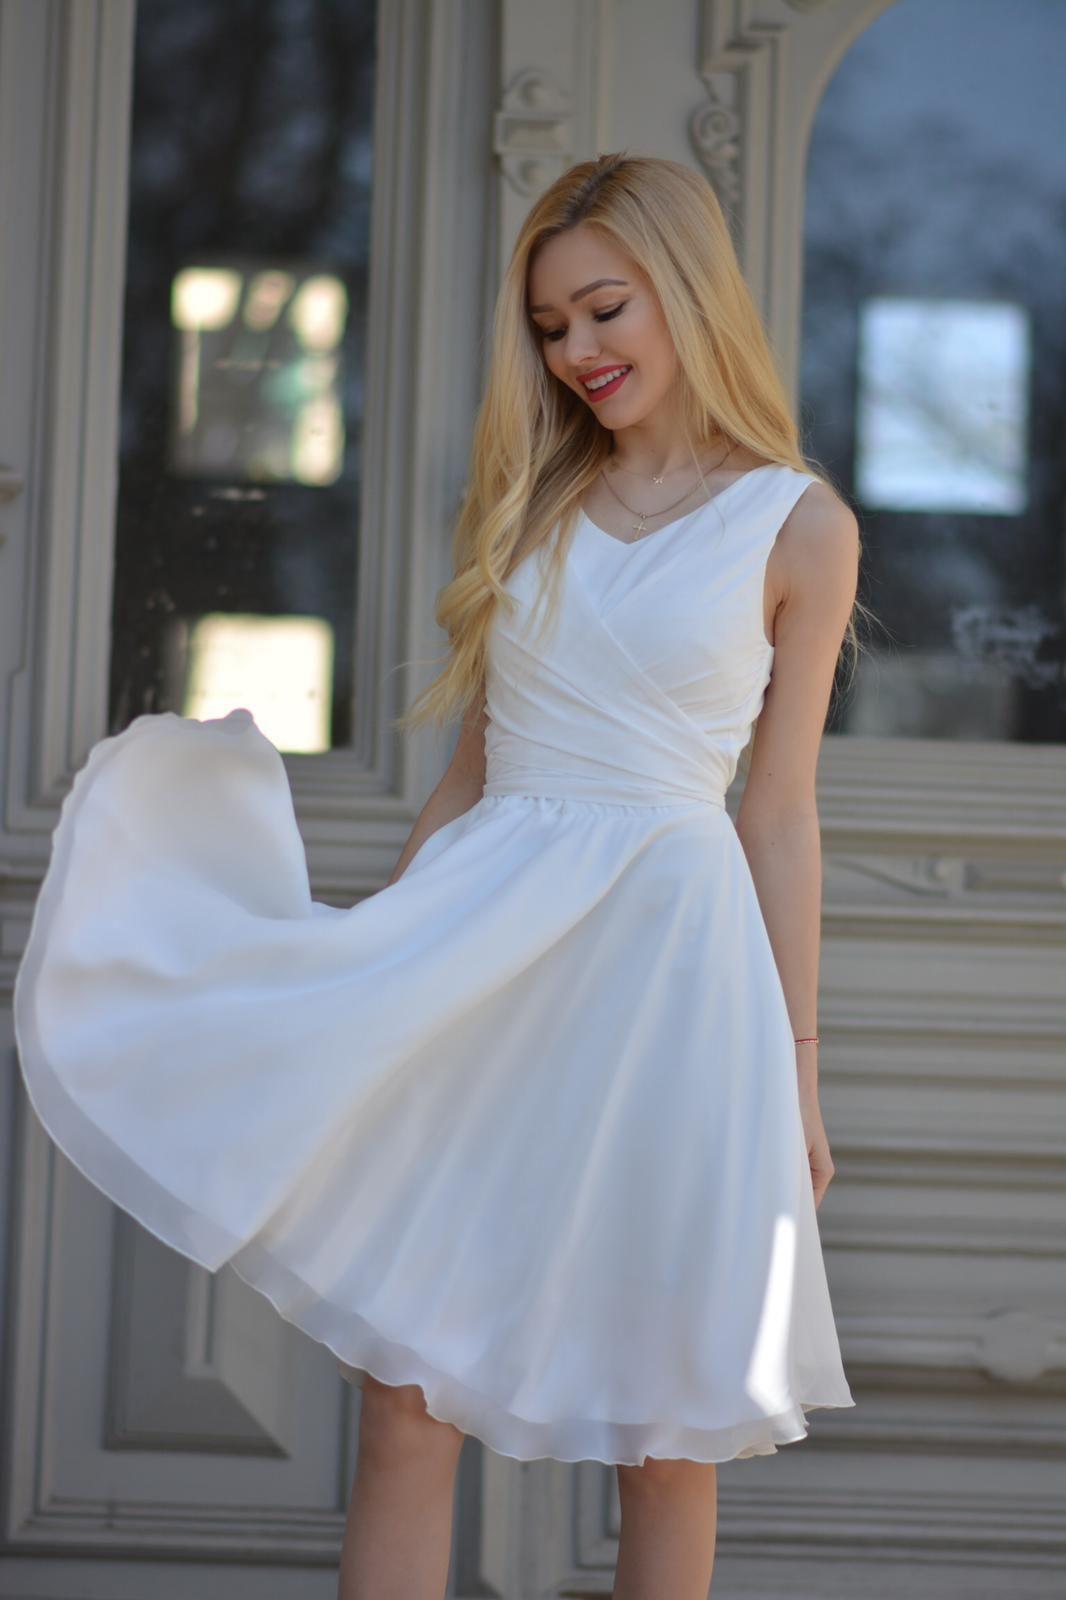 1fb9871c1e Urocza sukienka z szyfonu. Koktajlowa sukienka- góra na szerokich  ramiączkach